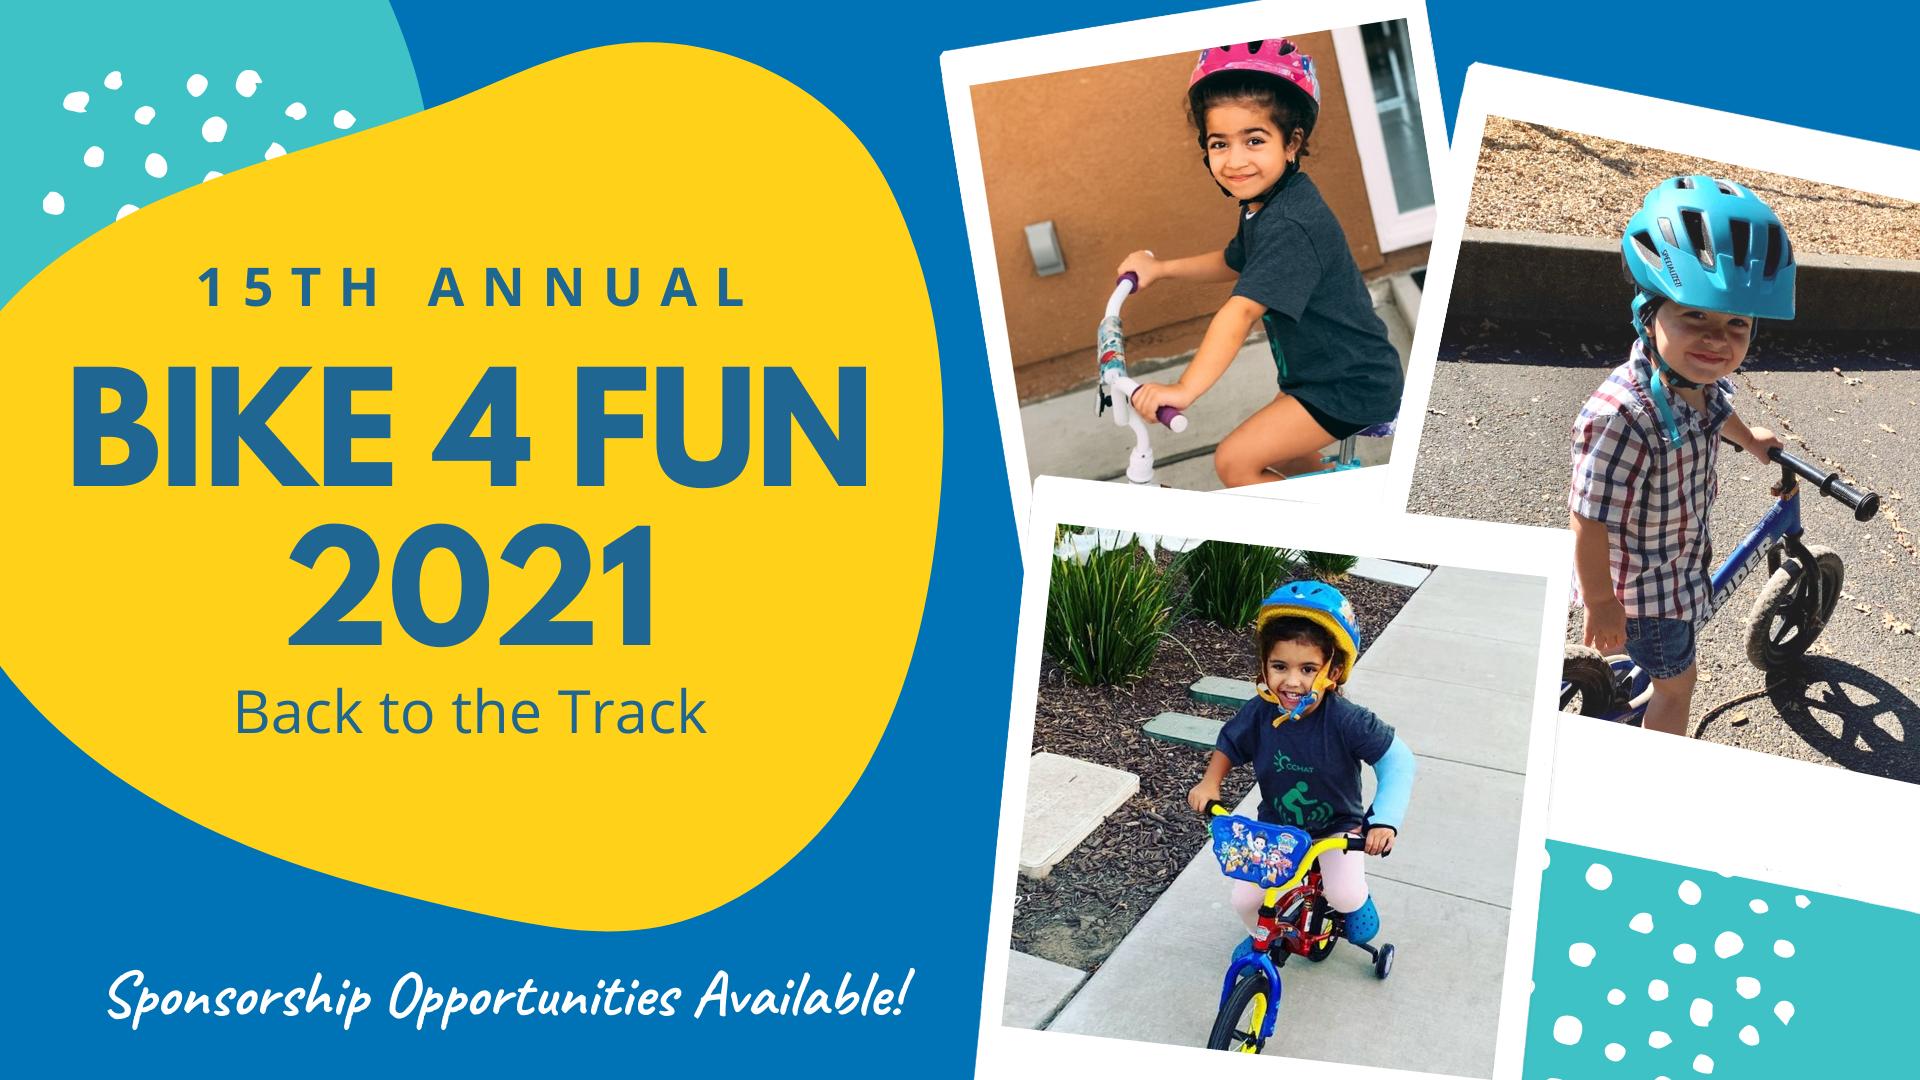 Bike 4 Fun 2021 | CCHAT Sacramento